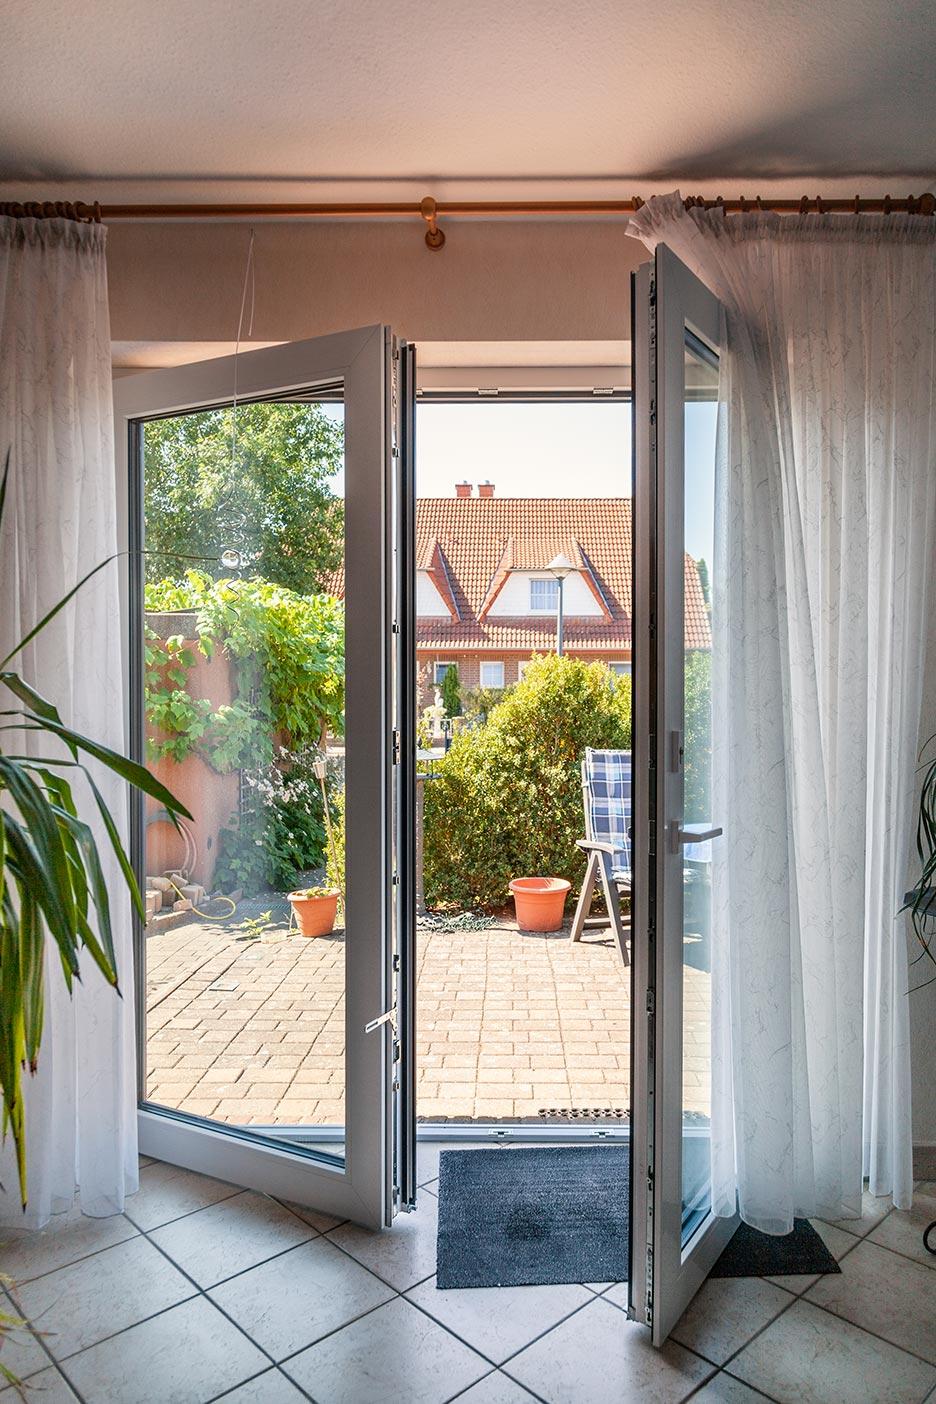 Die Terrassentüren bei Familie Seidler bieten Schallschutz gegen unerwünschte Geräusche.